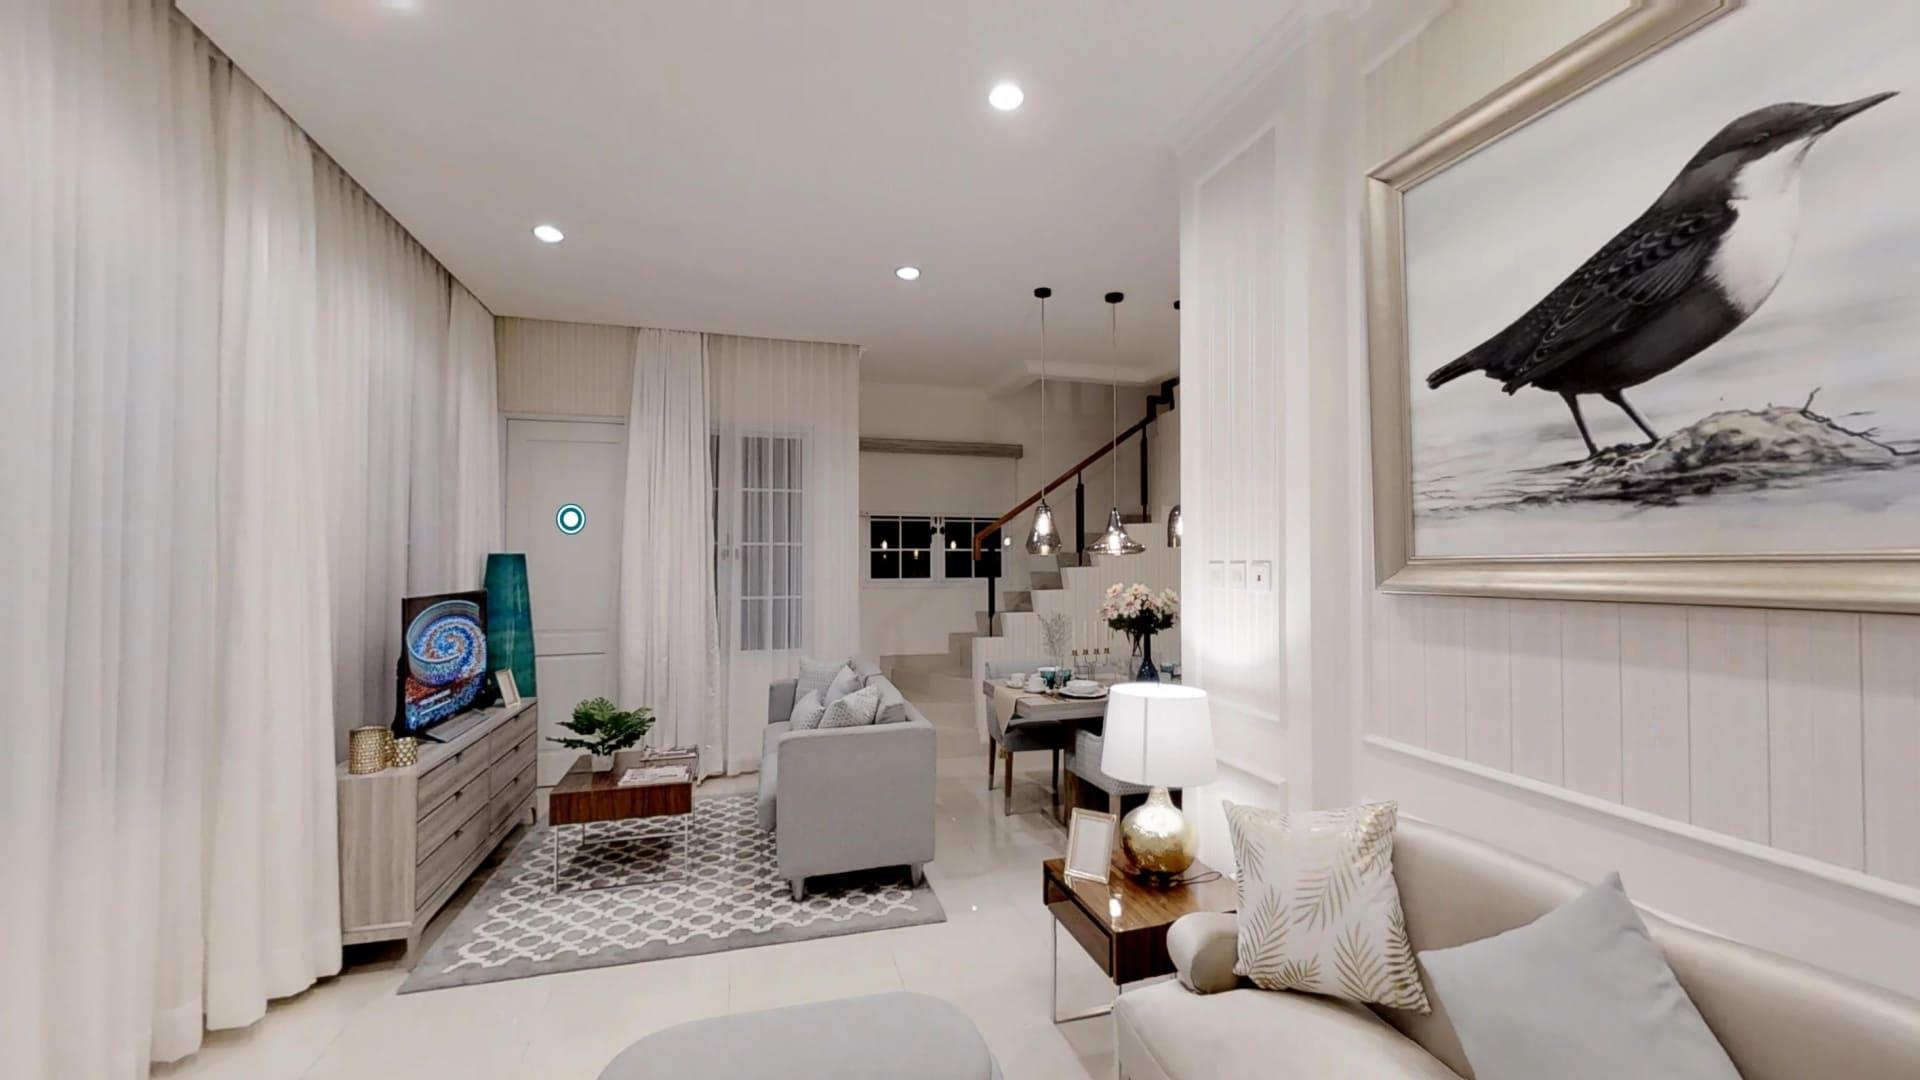 Tipe-164_180-Living-Room